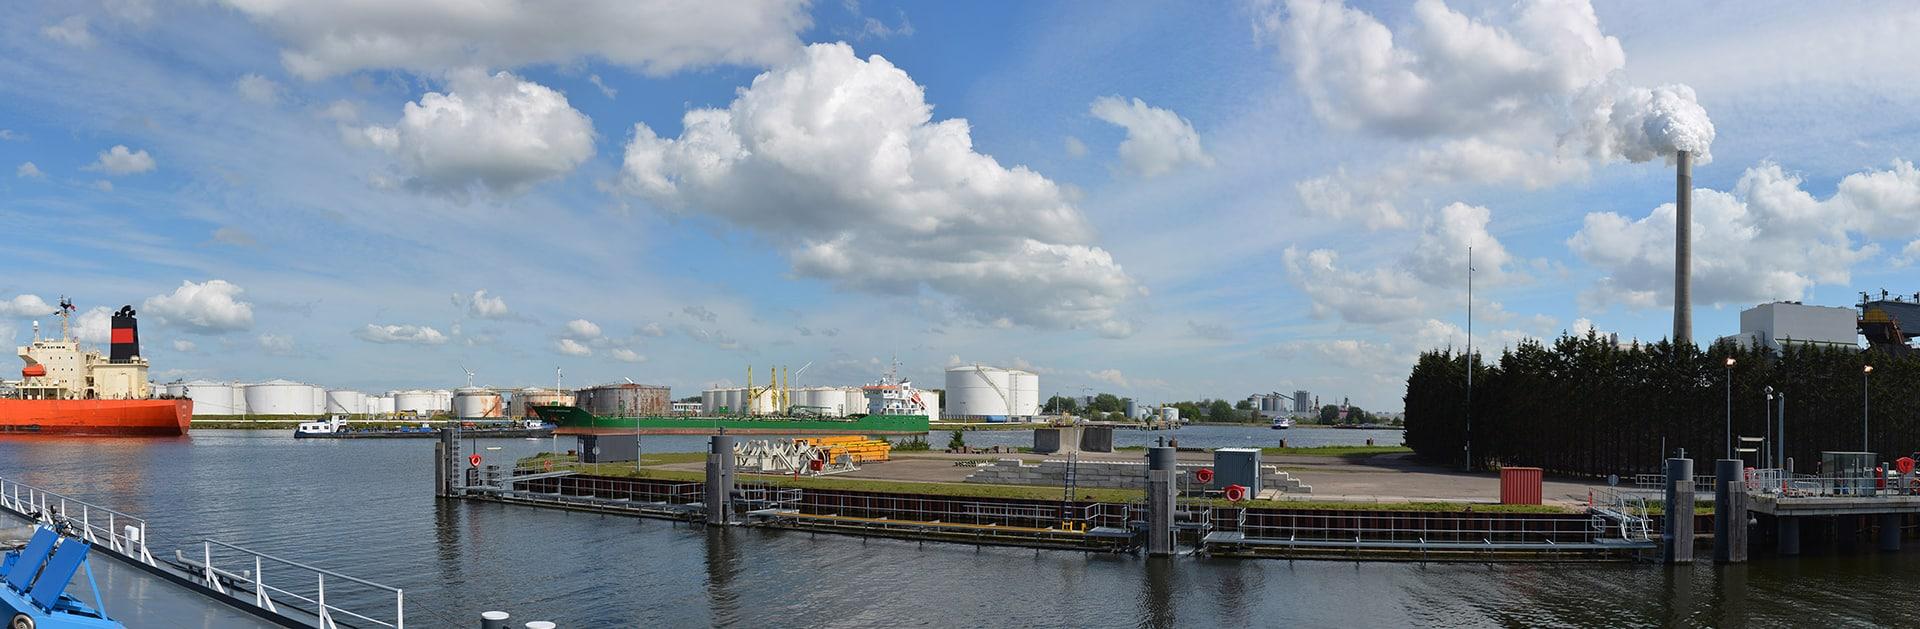 Industrie: oplossingen in de haven van Amsterdam